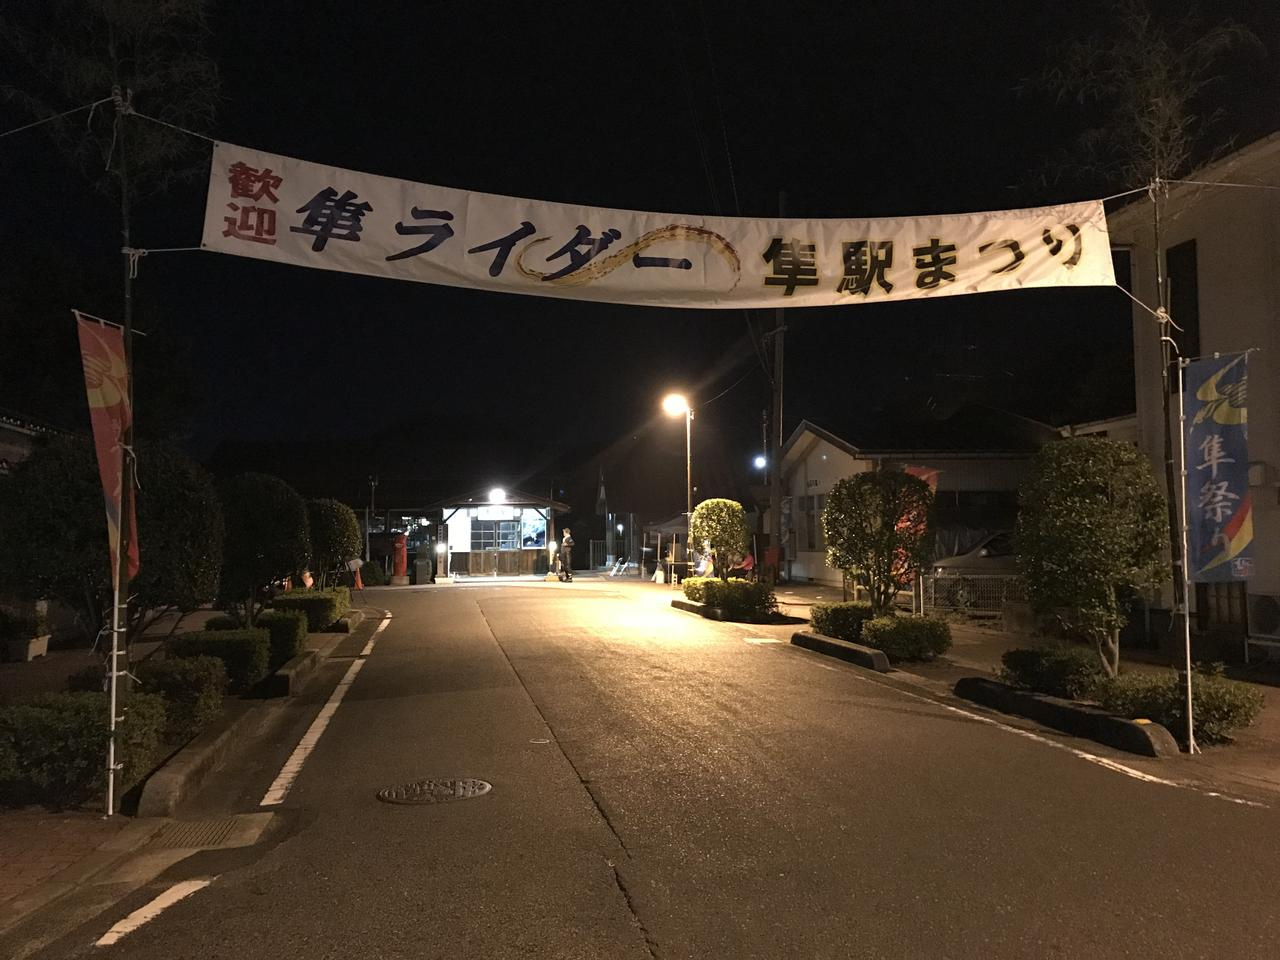 画像1: 遅ればせながら…「第9回隼駅まつり」に行ってきました!(斎藤のん)